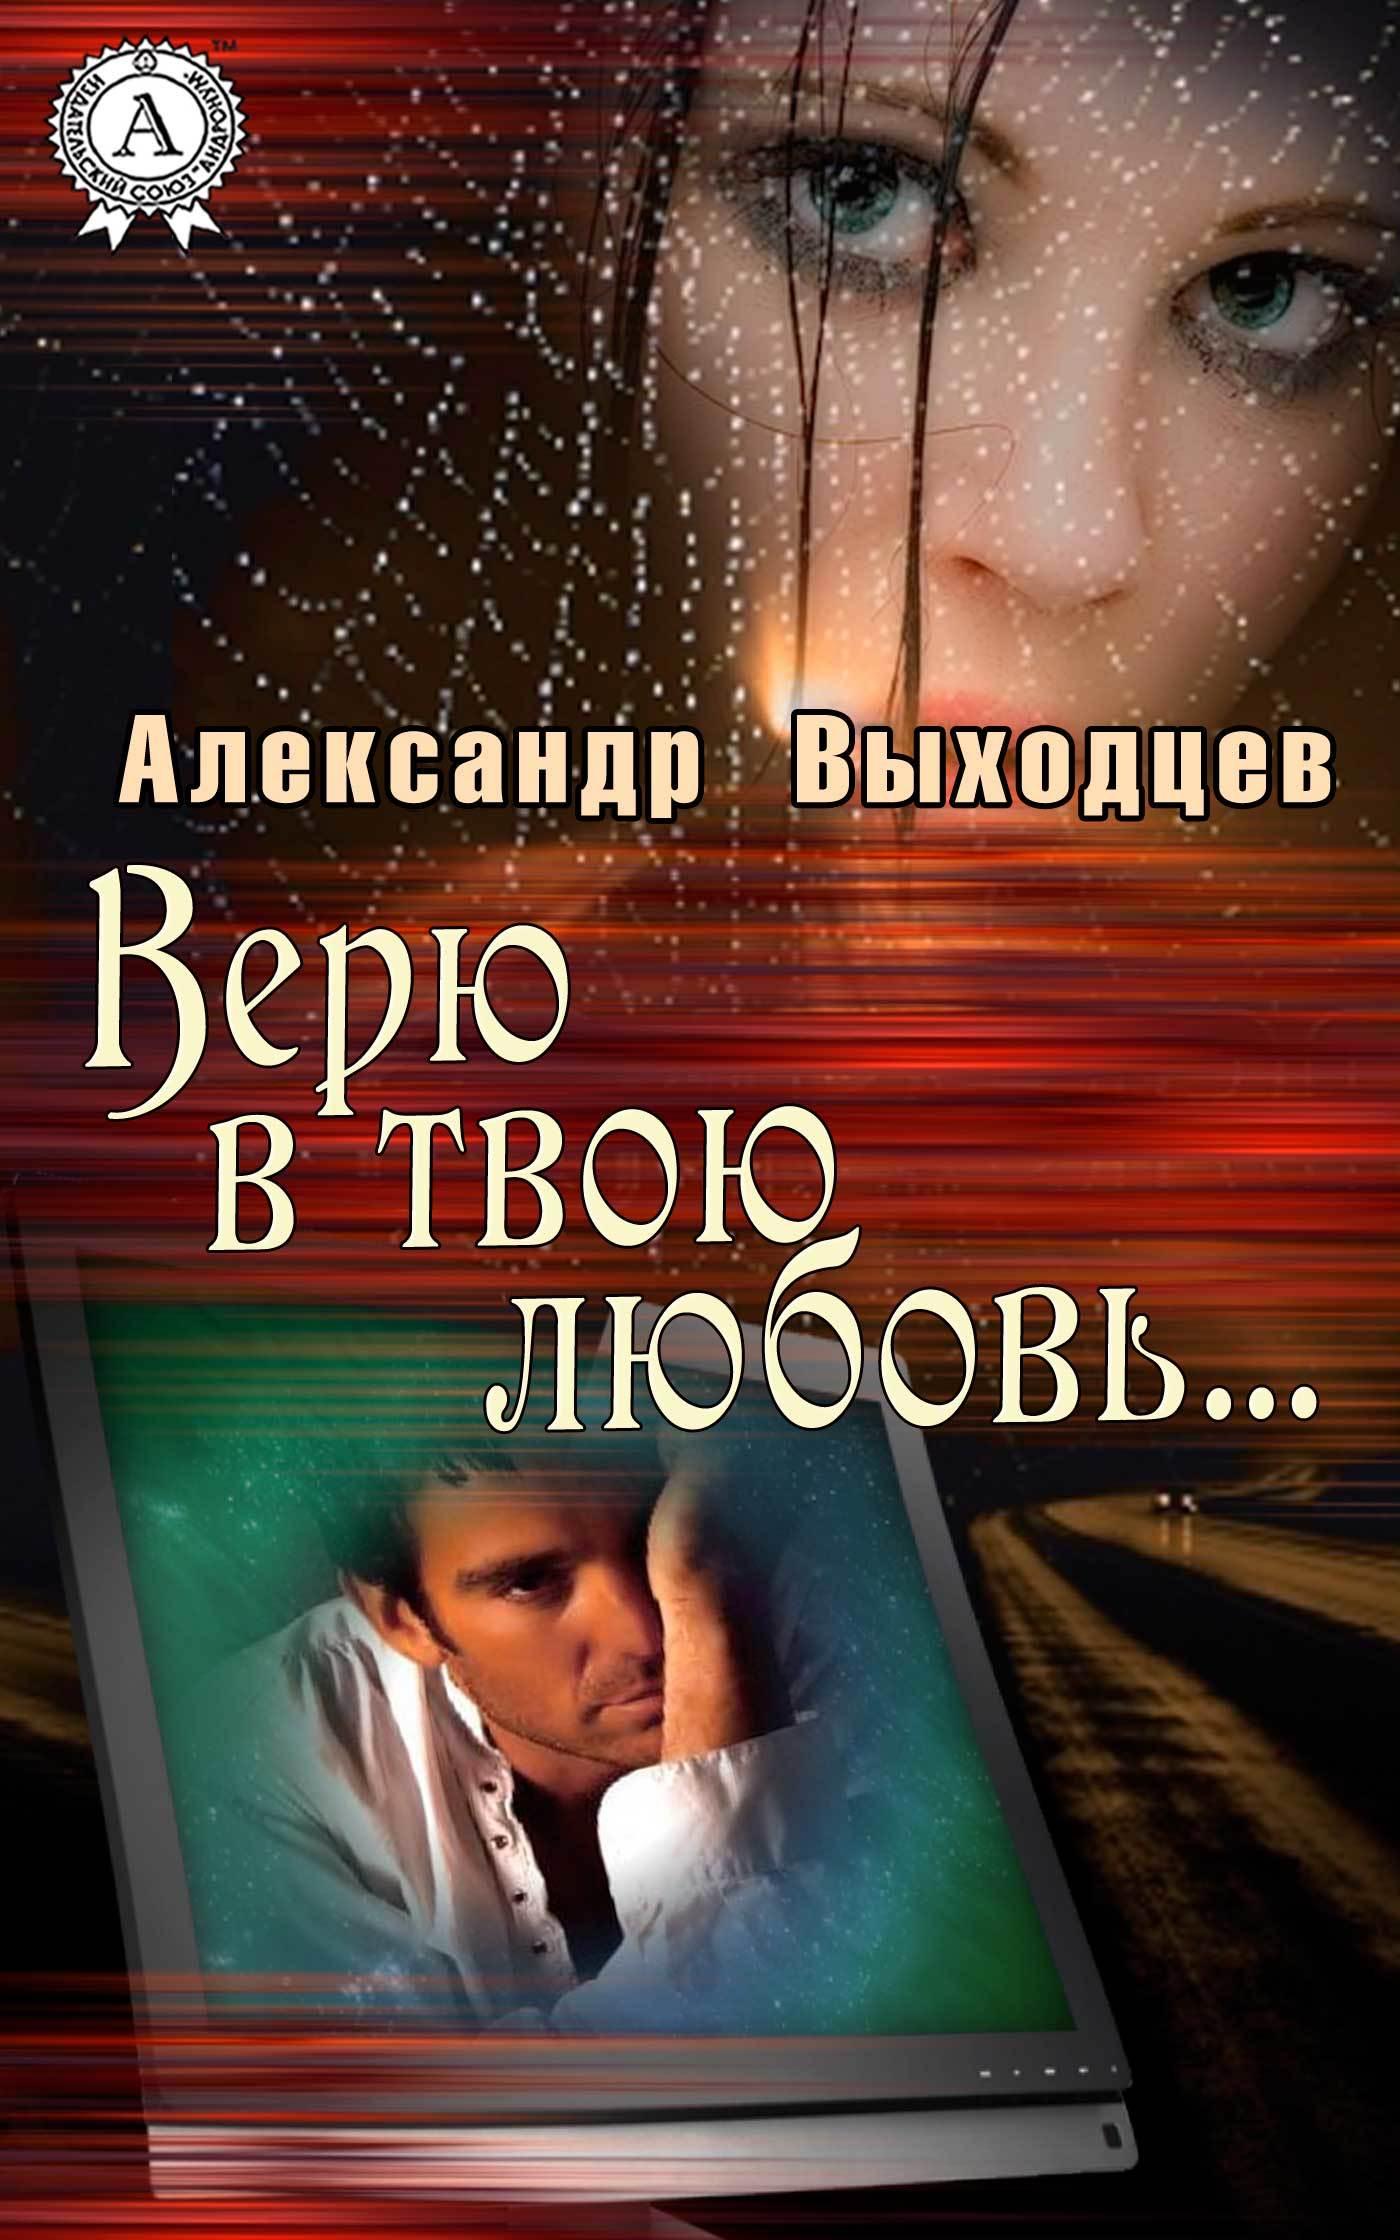 захватывающий сюжет в книге Александр Выходцев